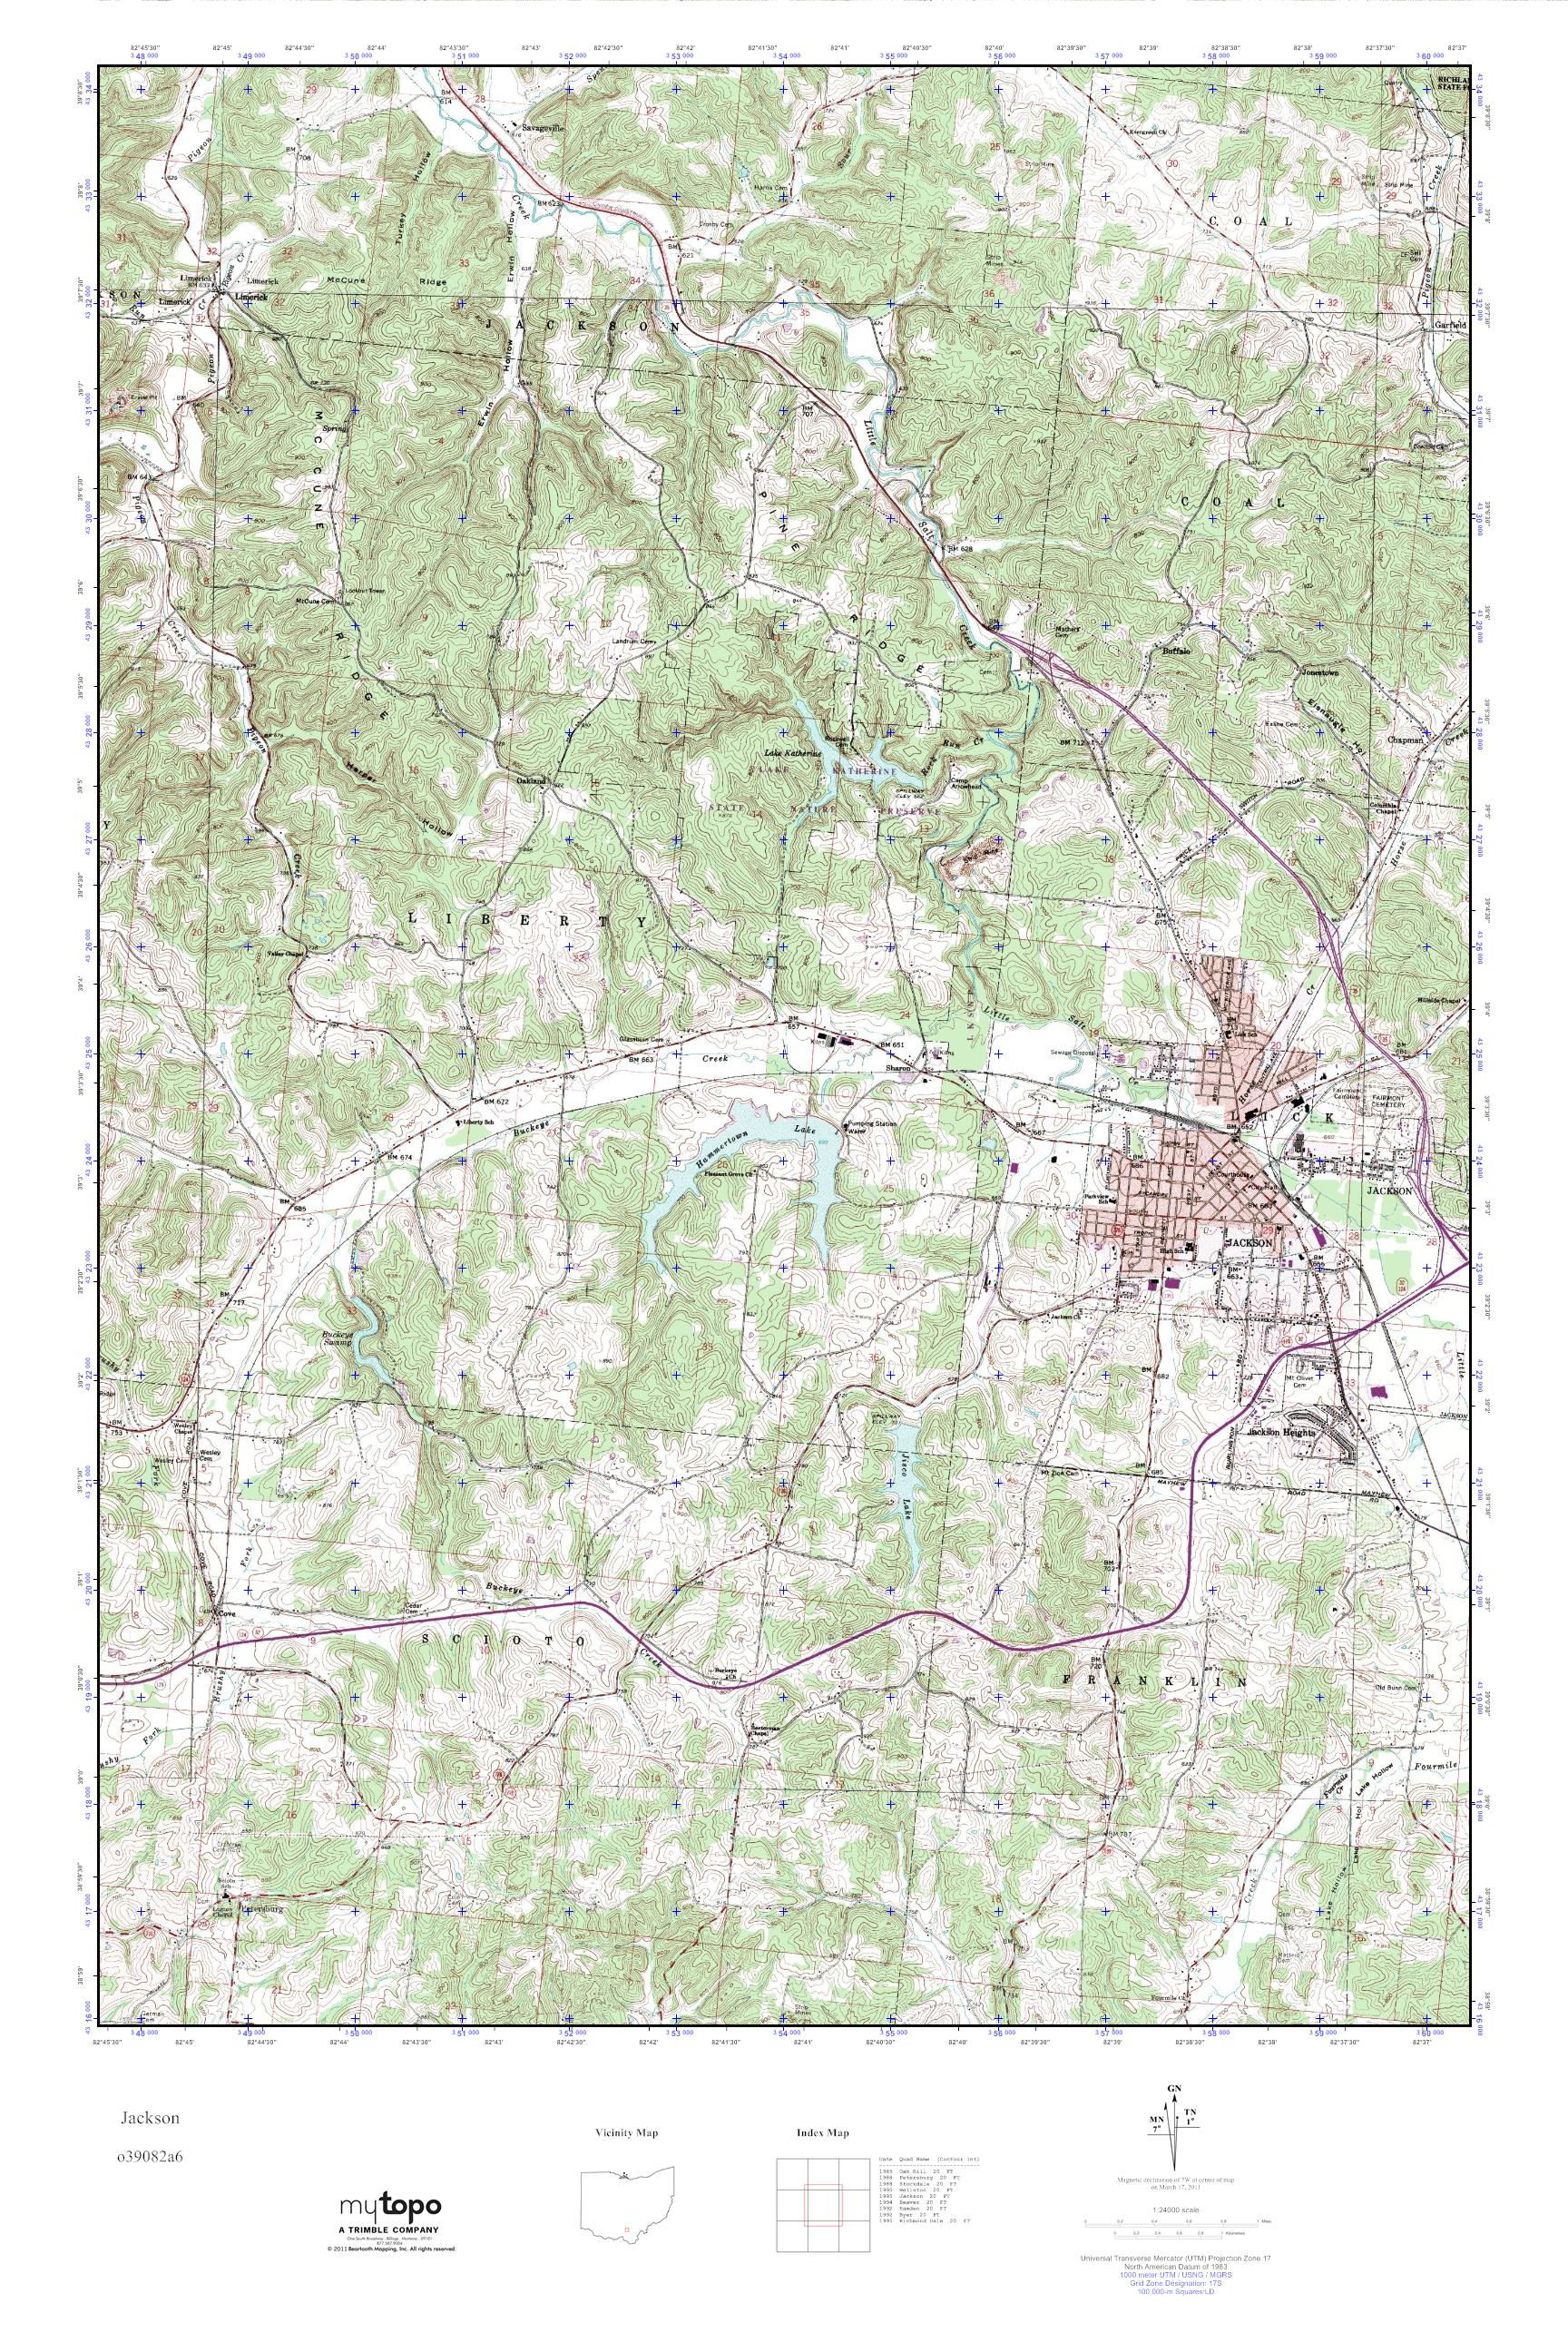 Mytopo Jackson Ohio Usgs Quad Topo Map